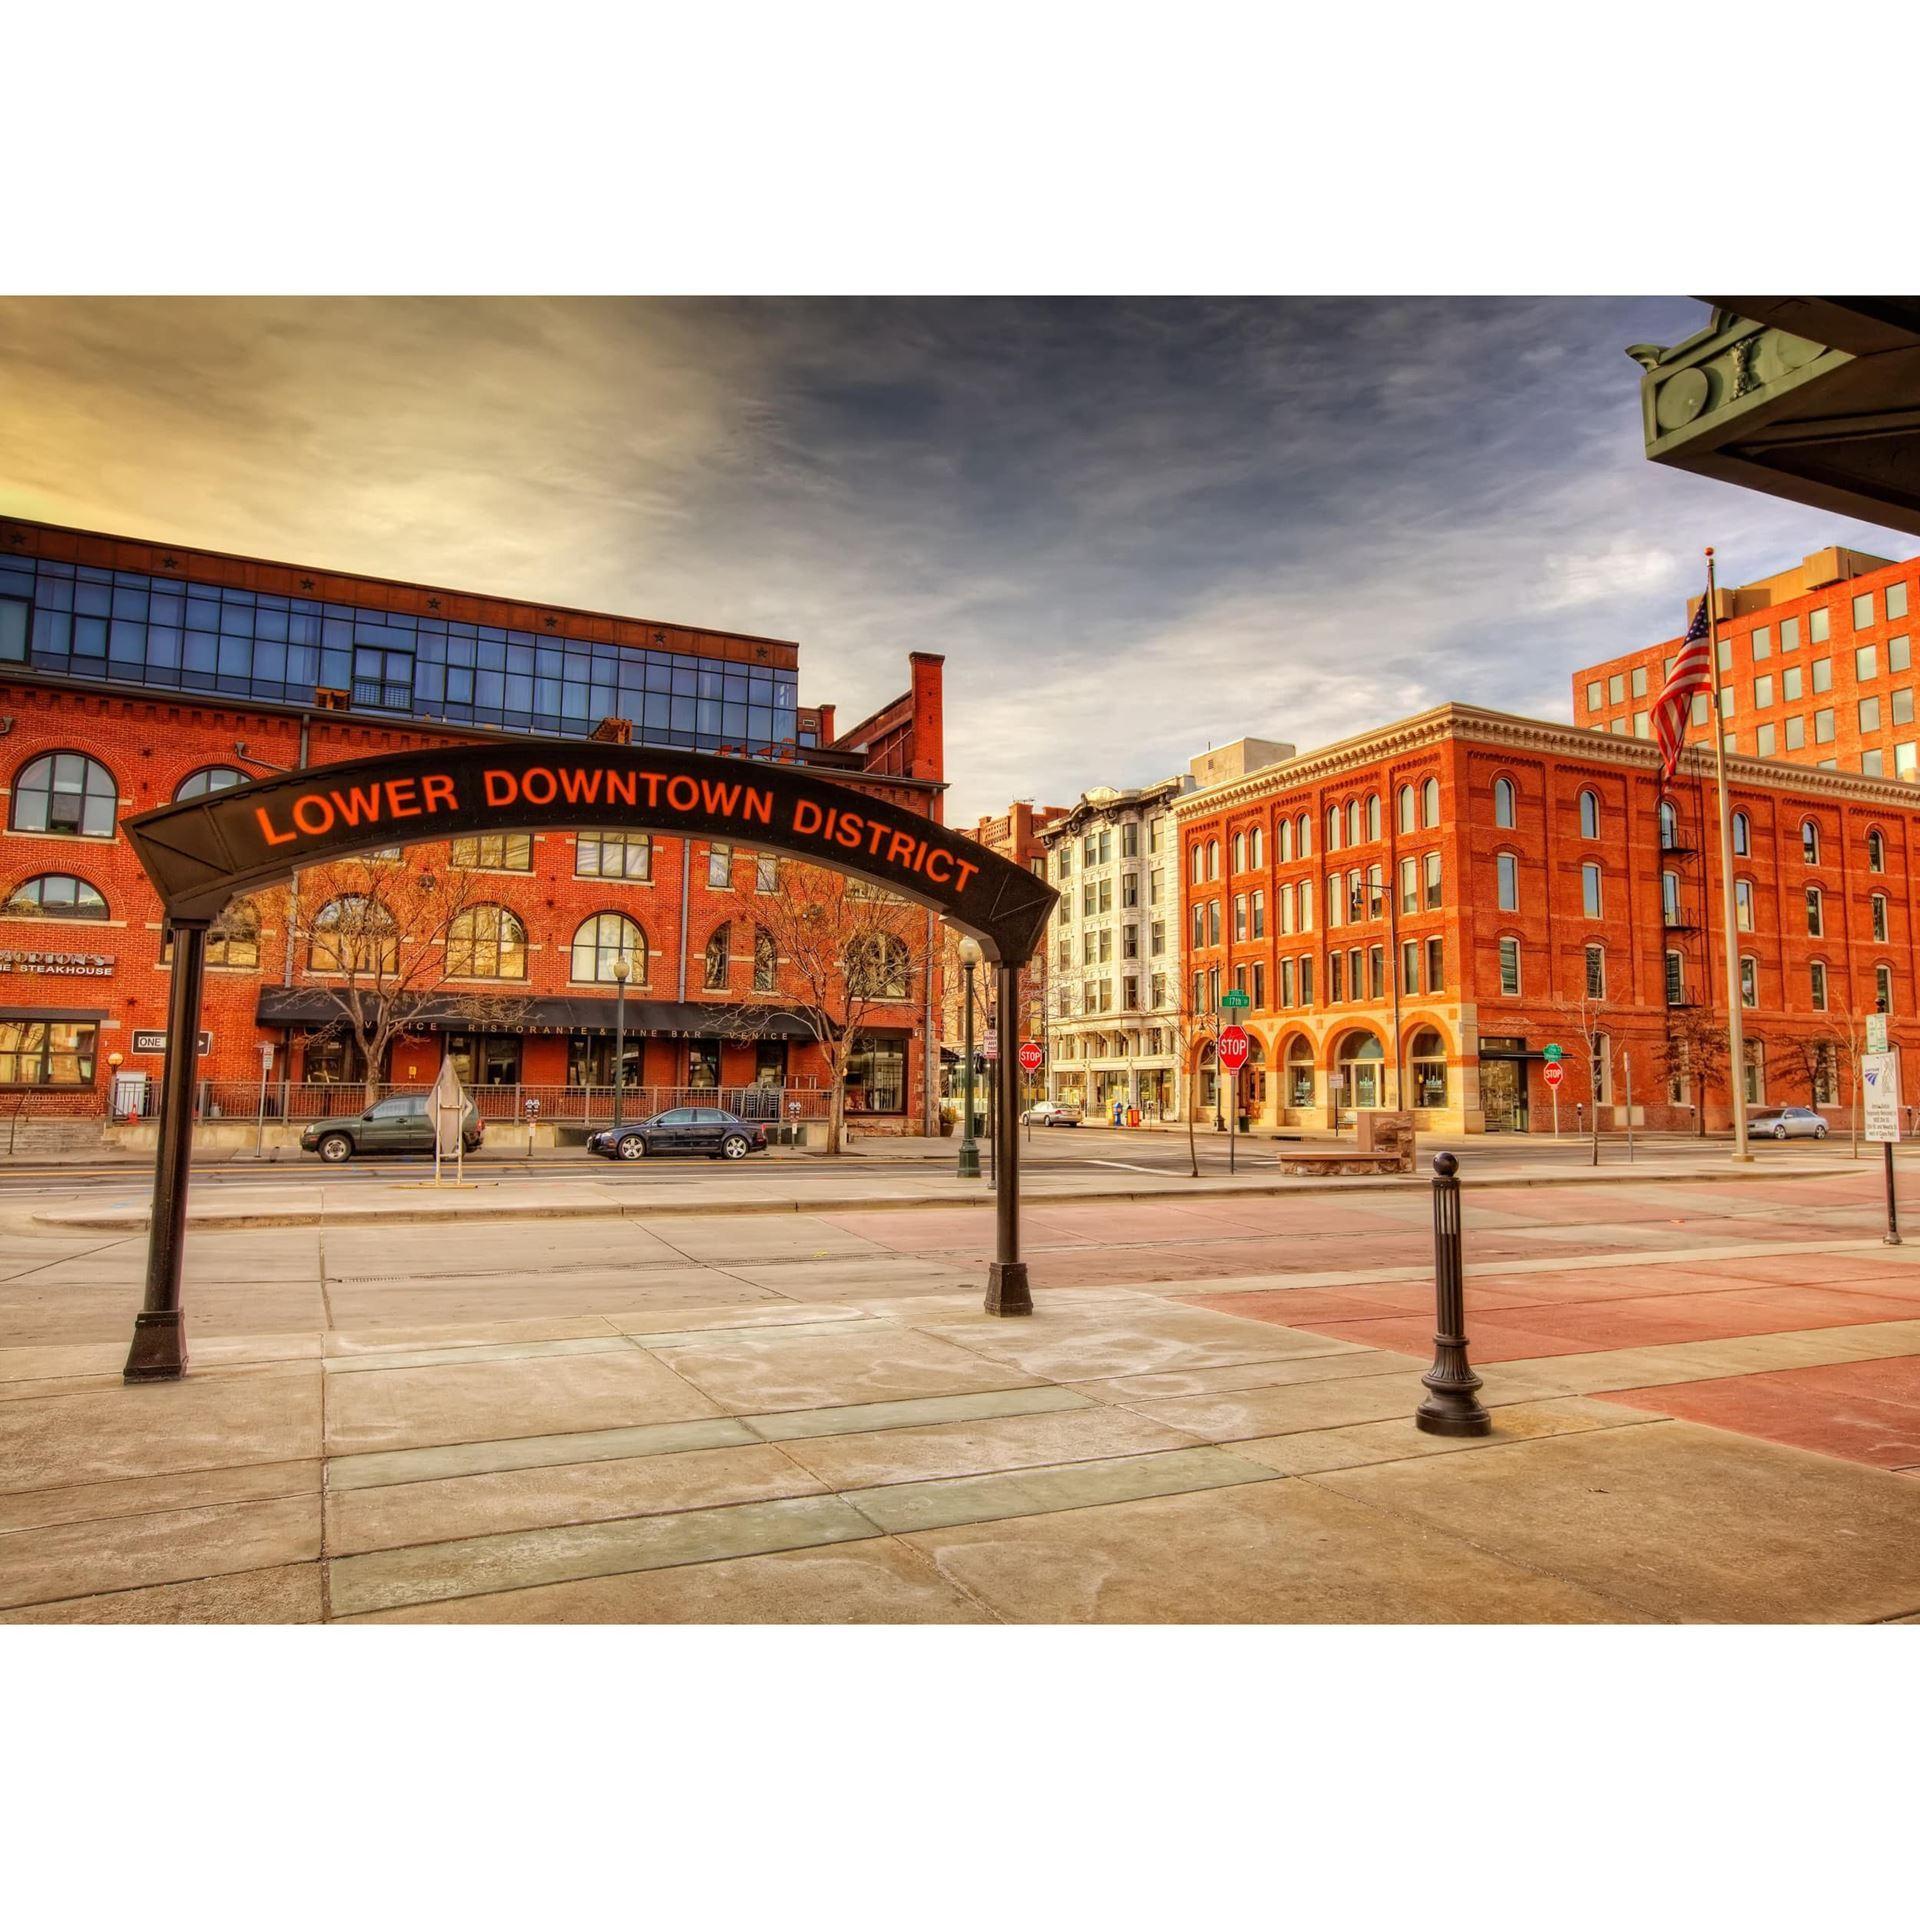 Lodo & Union Station 36x24